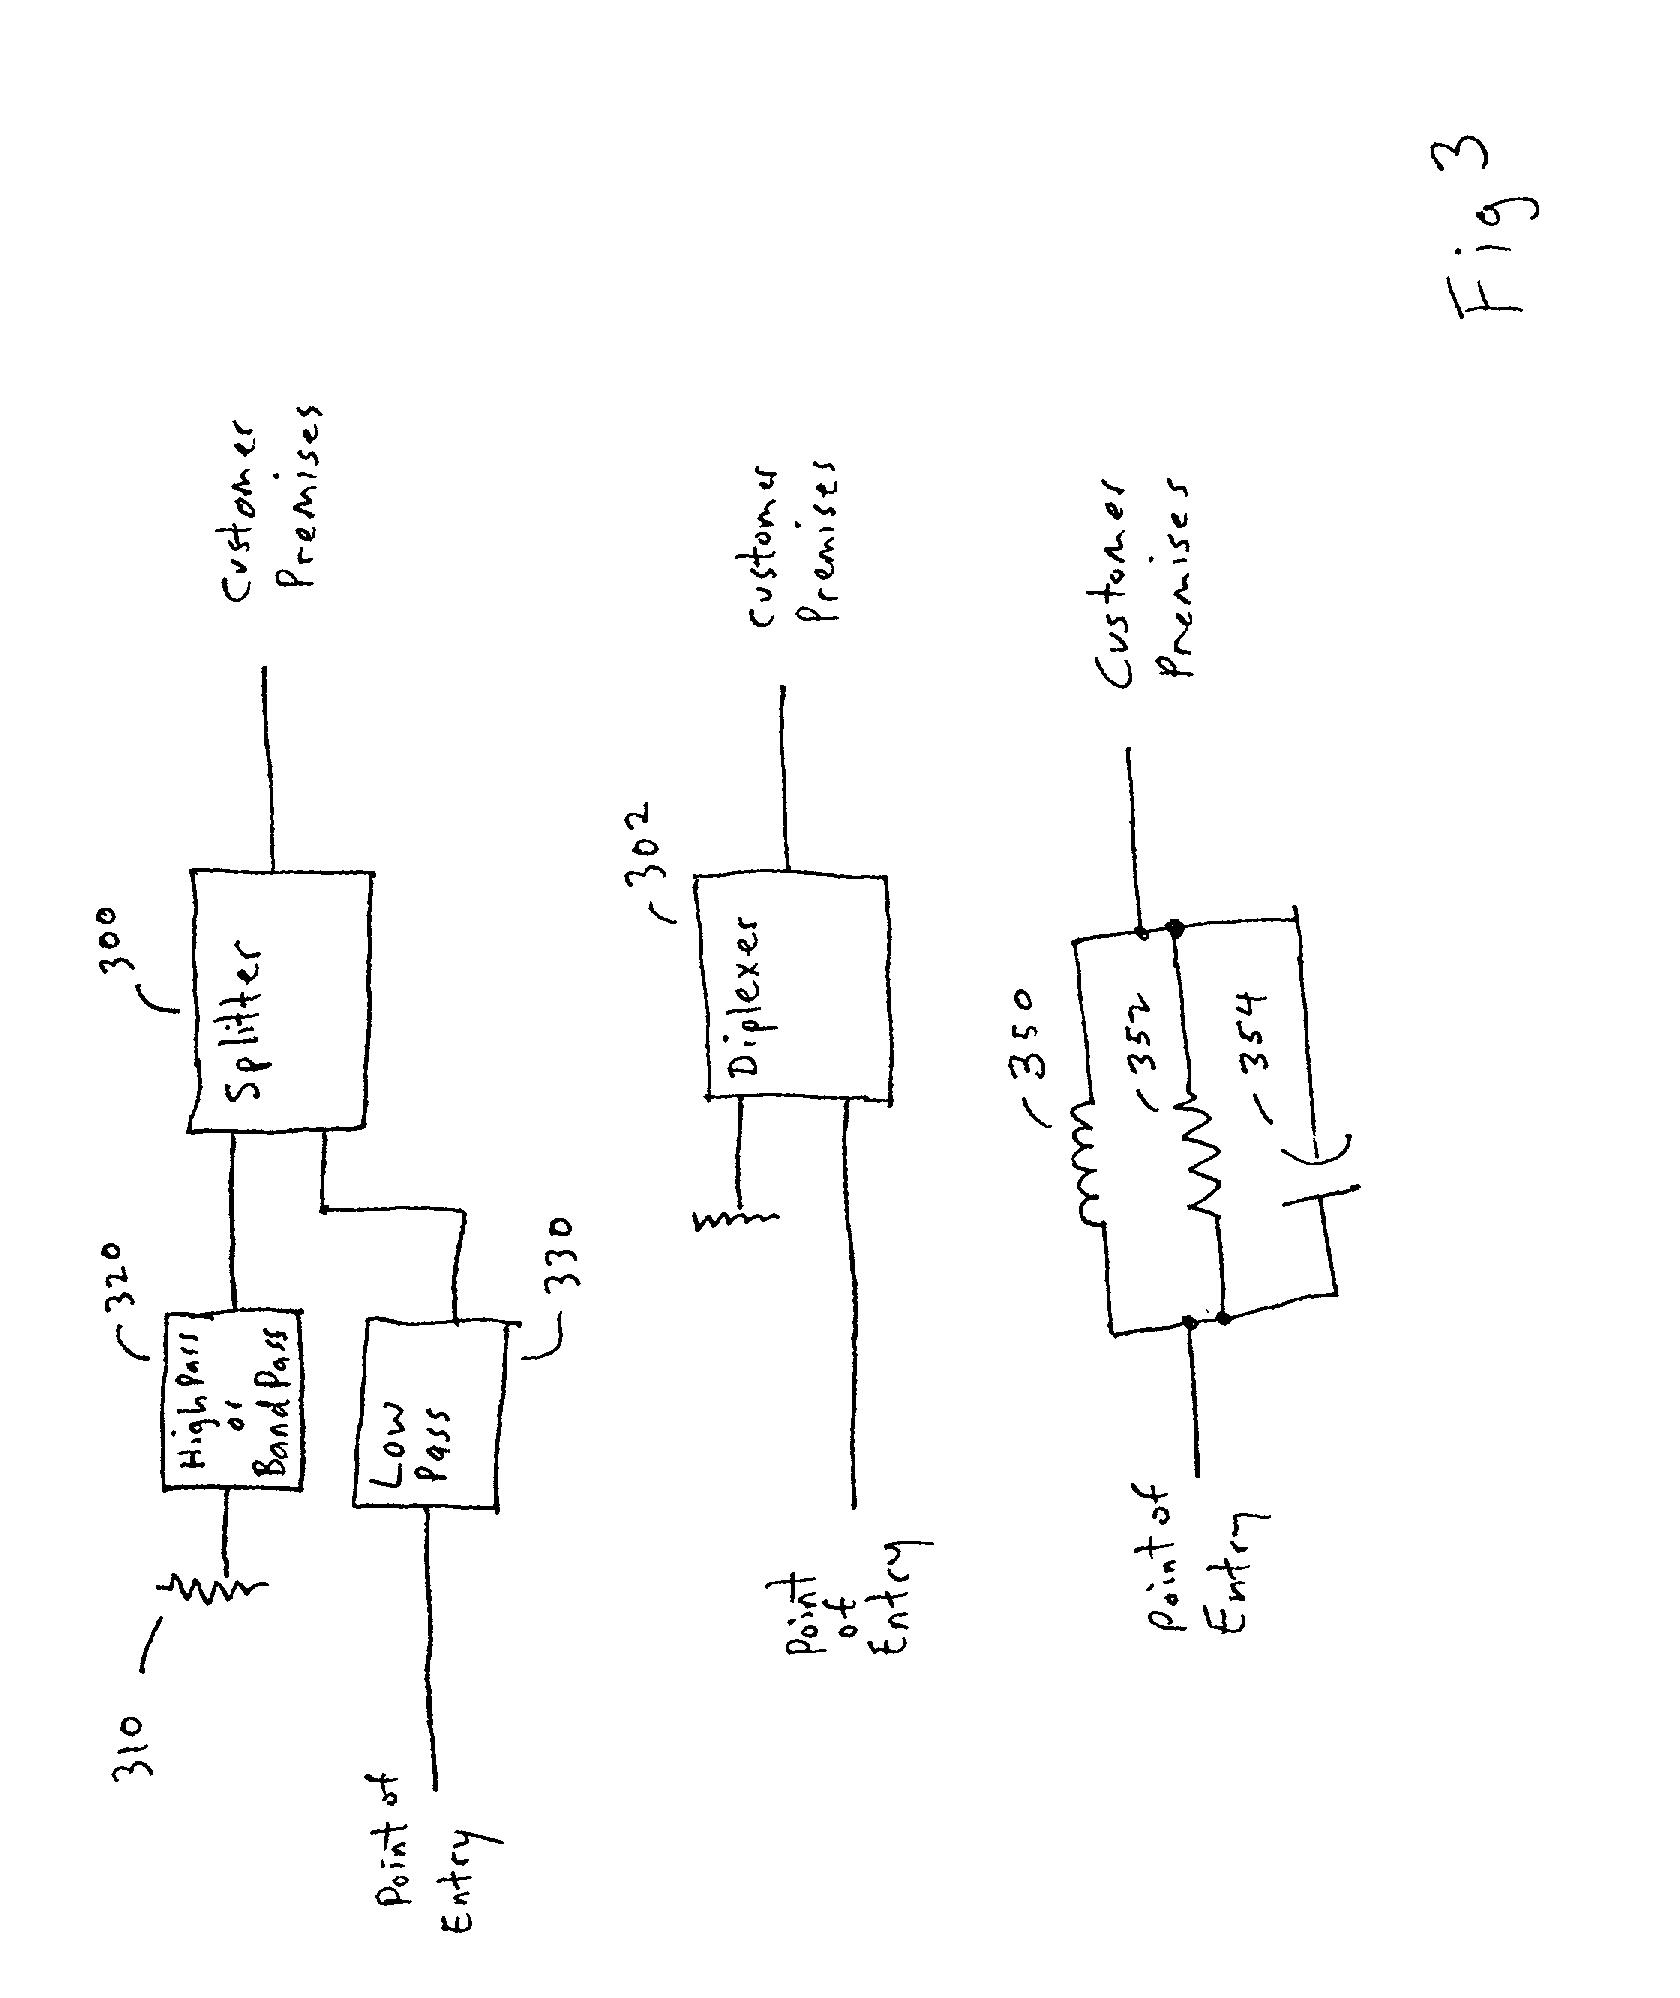 patent us20020166124